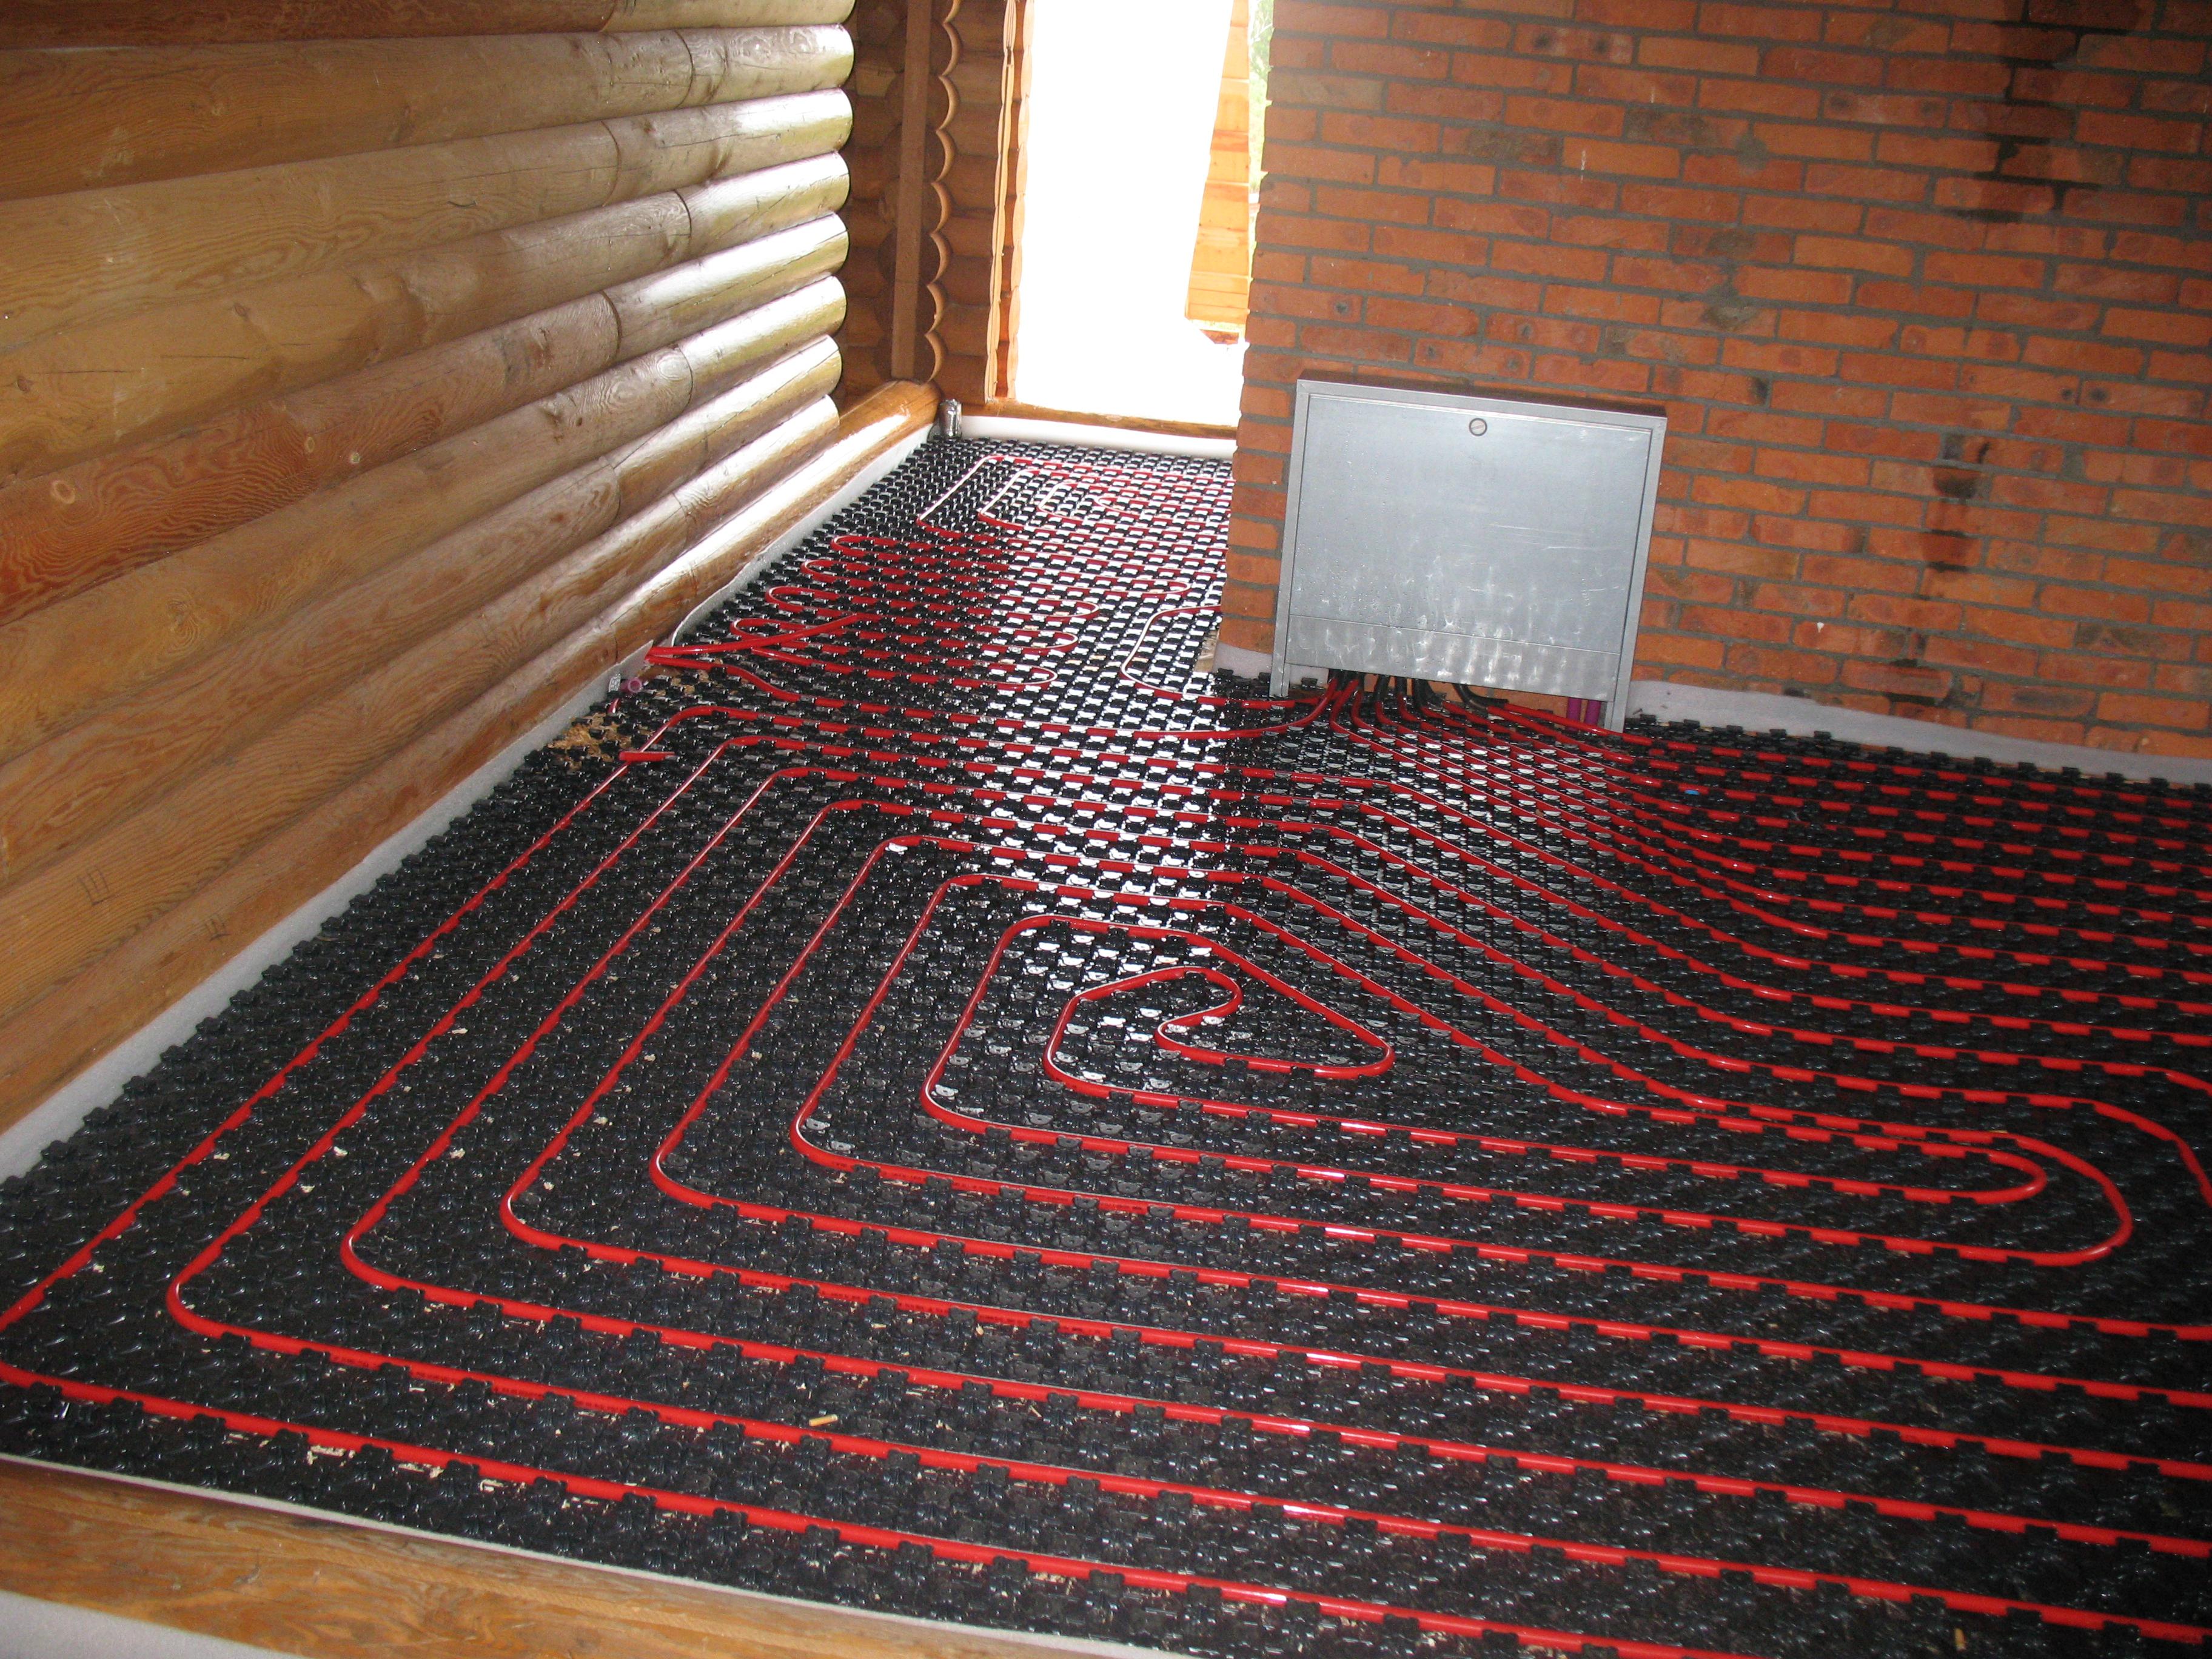 leroy merlin radiateur electrique seche serviette sarcelles orleans merignac travaux de. Black Bedroom Furniture Sets. Home Design Ideas